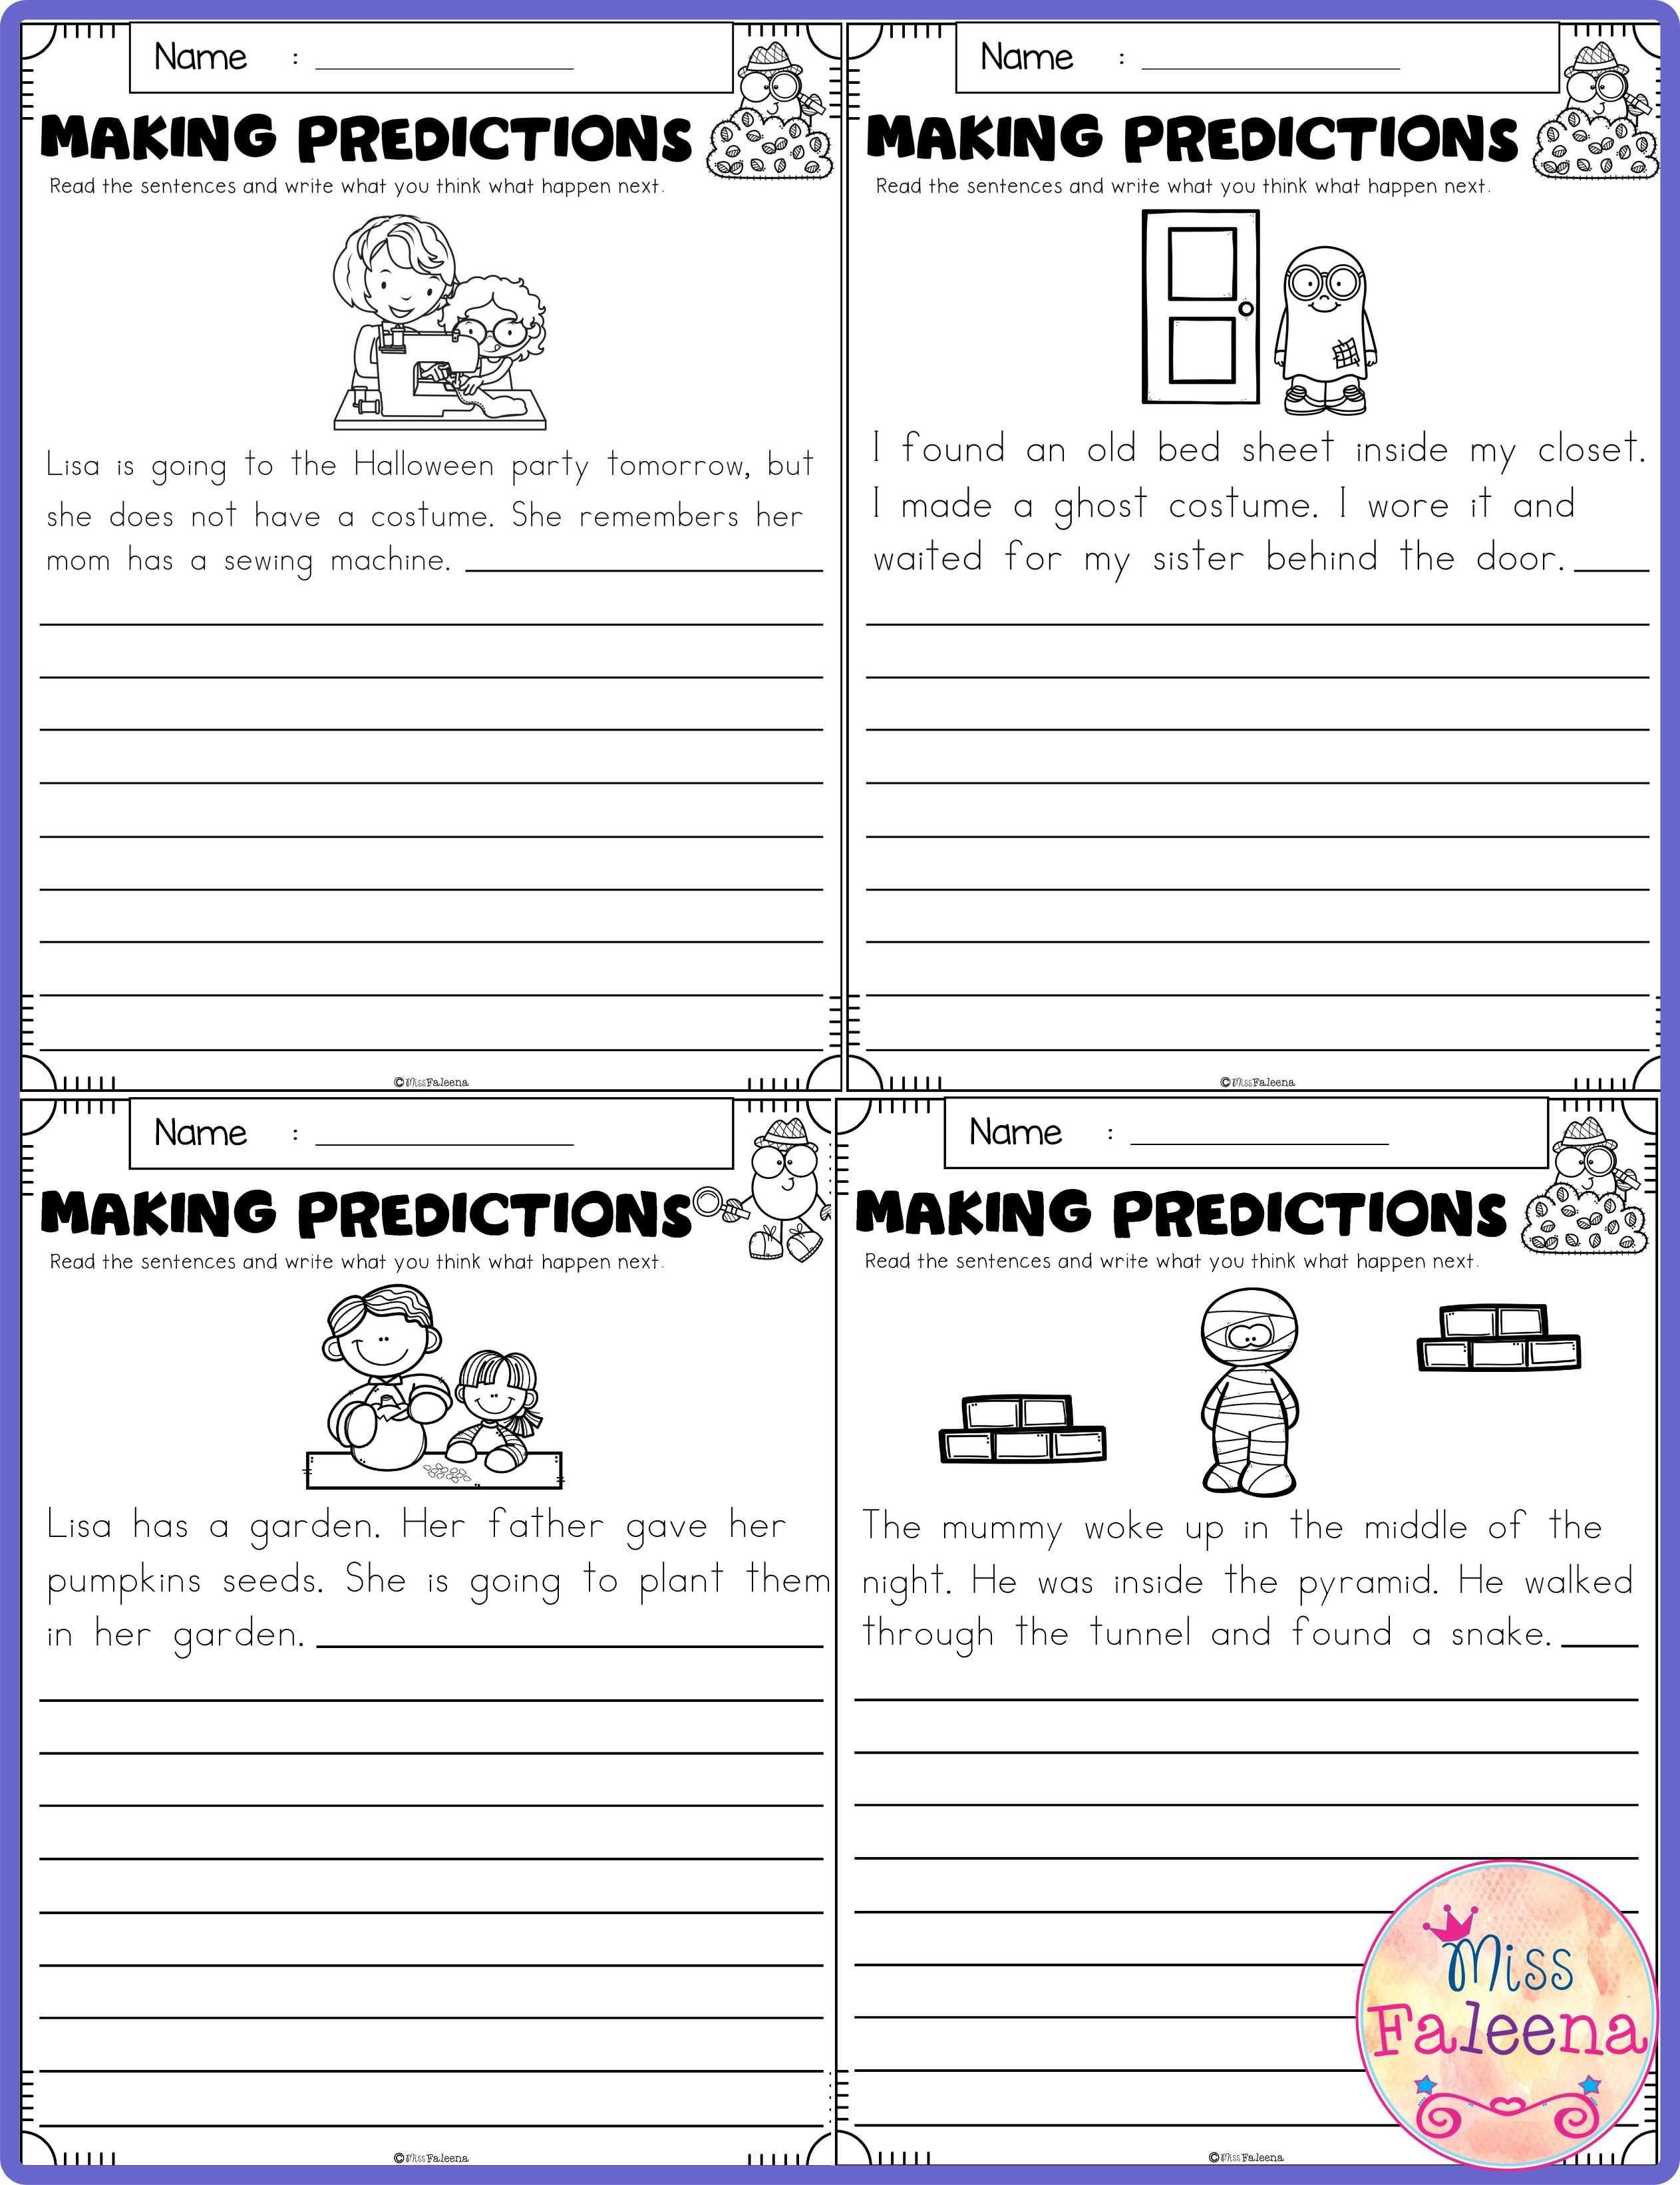 Making Predictions Worksheets 3rd Grade October Making Predictions